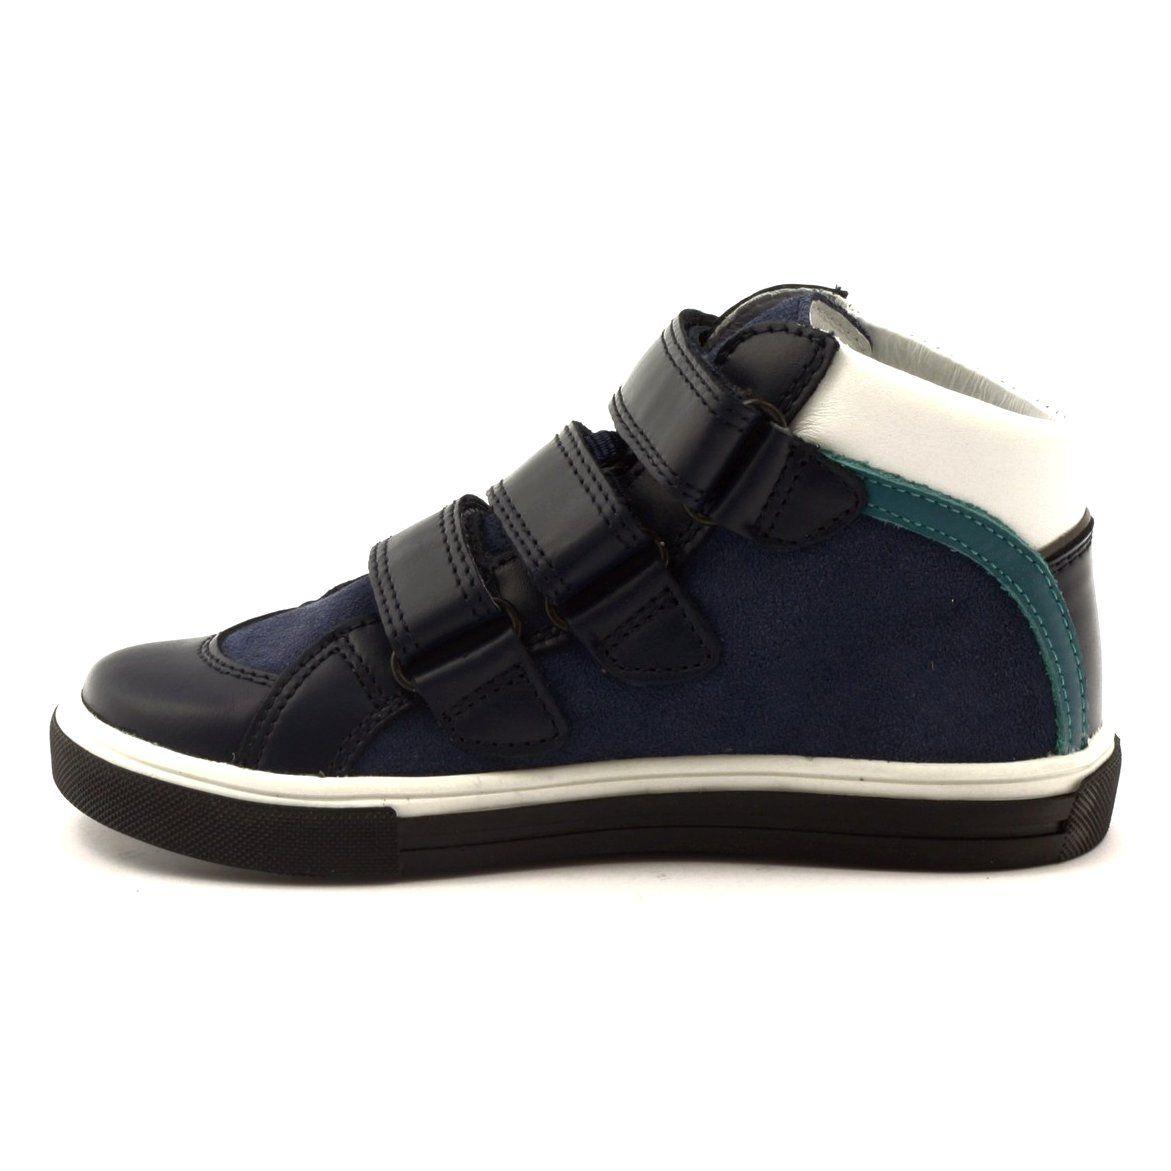 Trzewiki Buty Dzieciece Bartek 84279 Granatowe Wielokolorowe Wielokolorowe Niebieskie Biale Fisherman Sandal Shoes Sneakers